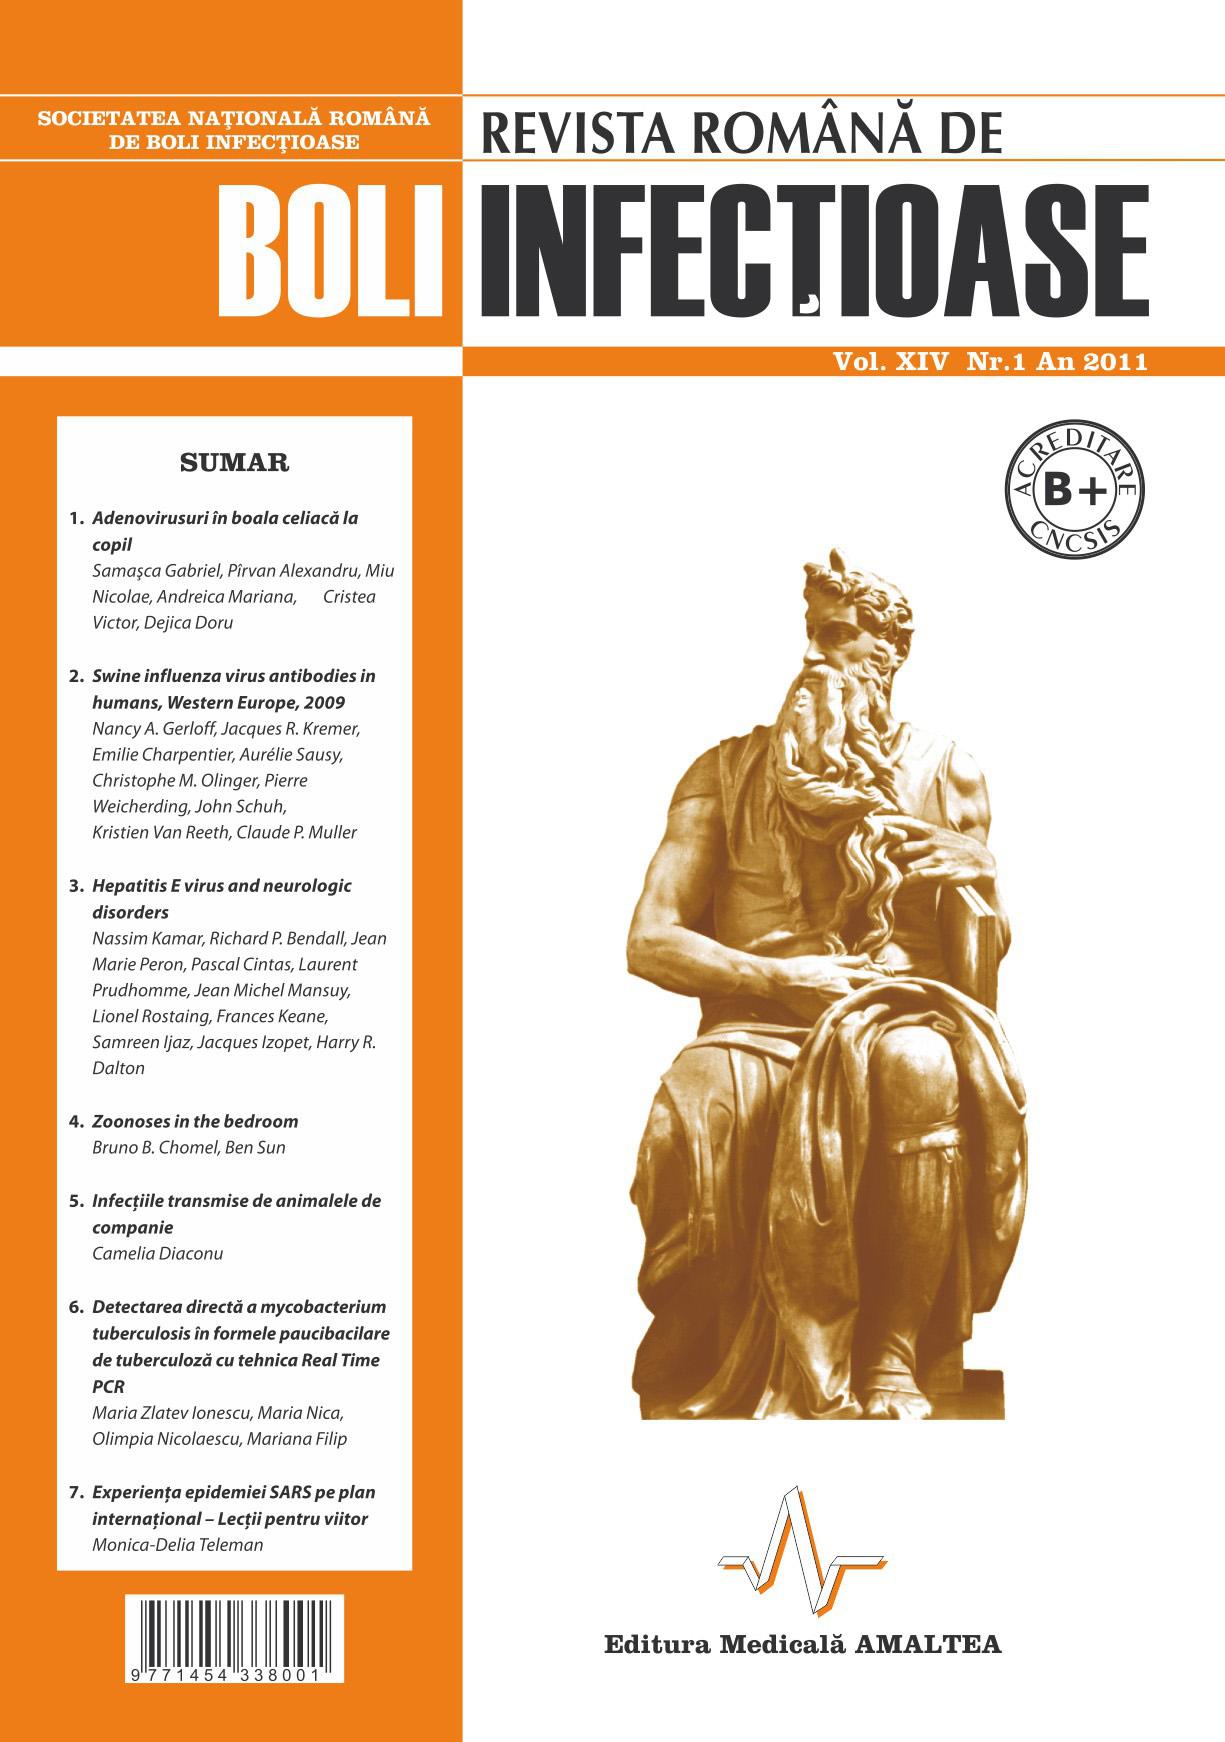 Revista Romana de Boli Infectioase | Vol. XIV, No. 1, 2011